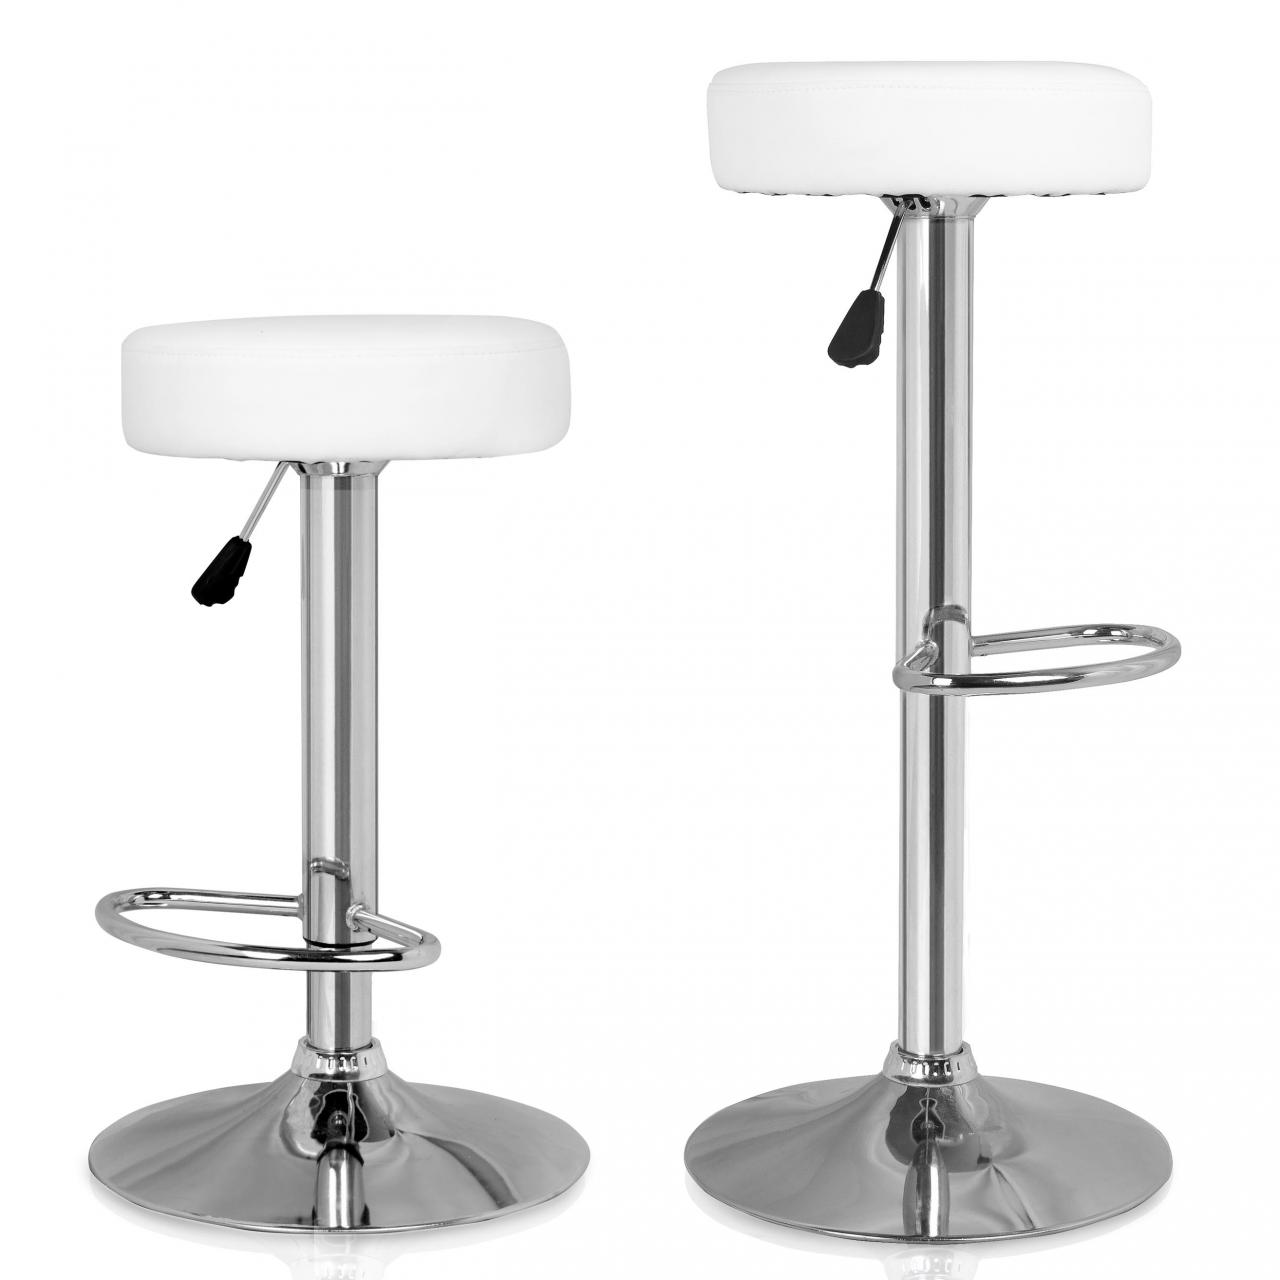 2 x sgabelli bar set sedie pranzo cucina moderni seduta - Altezza sgabelli cucina ...